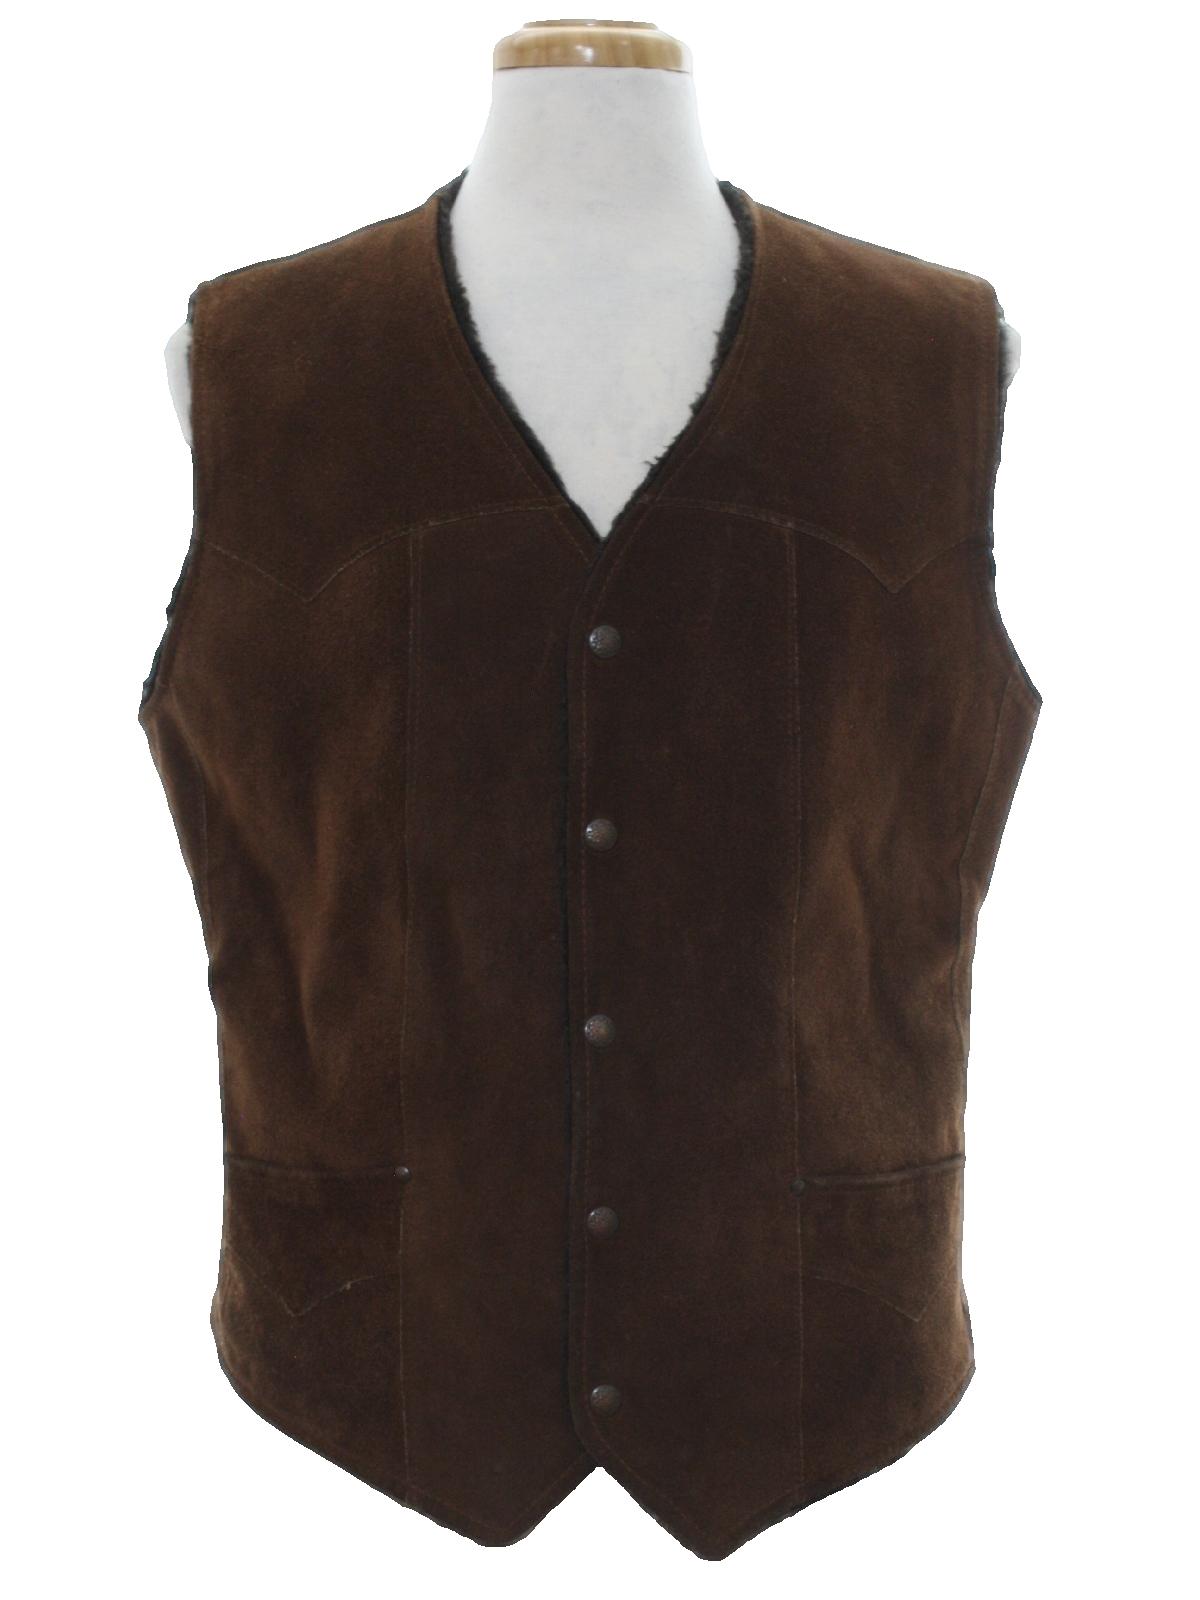 dab6089fb2e Retro Seventies Vest  70s -Pioneer Wear- Mens dark brown suede ...